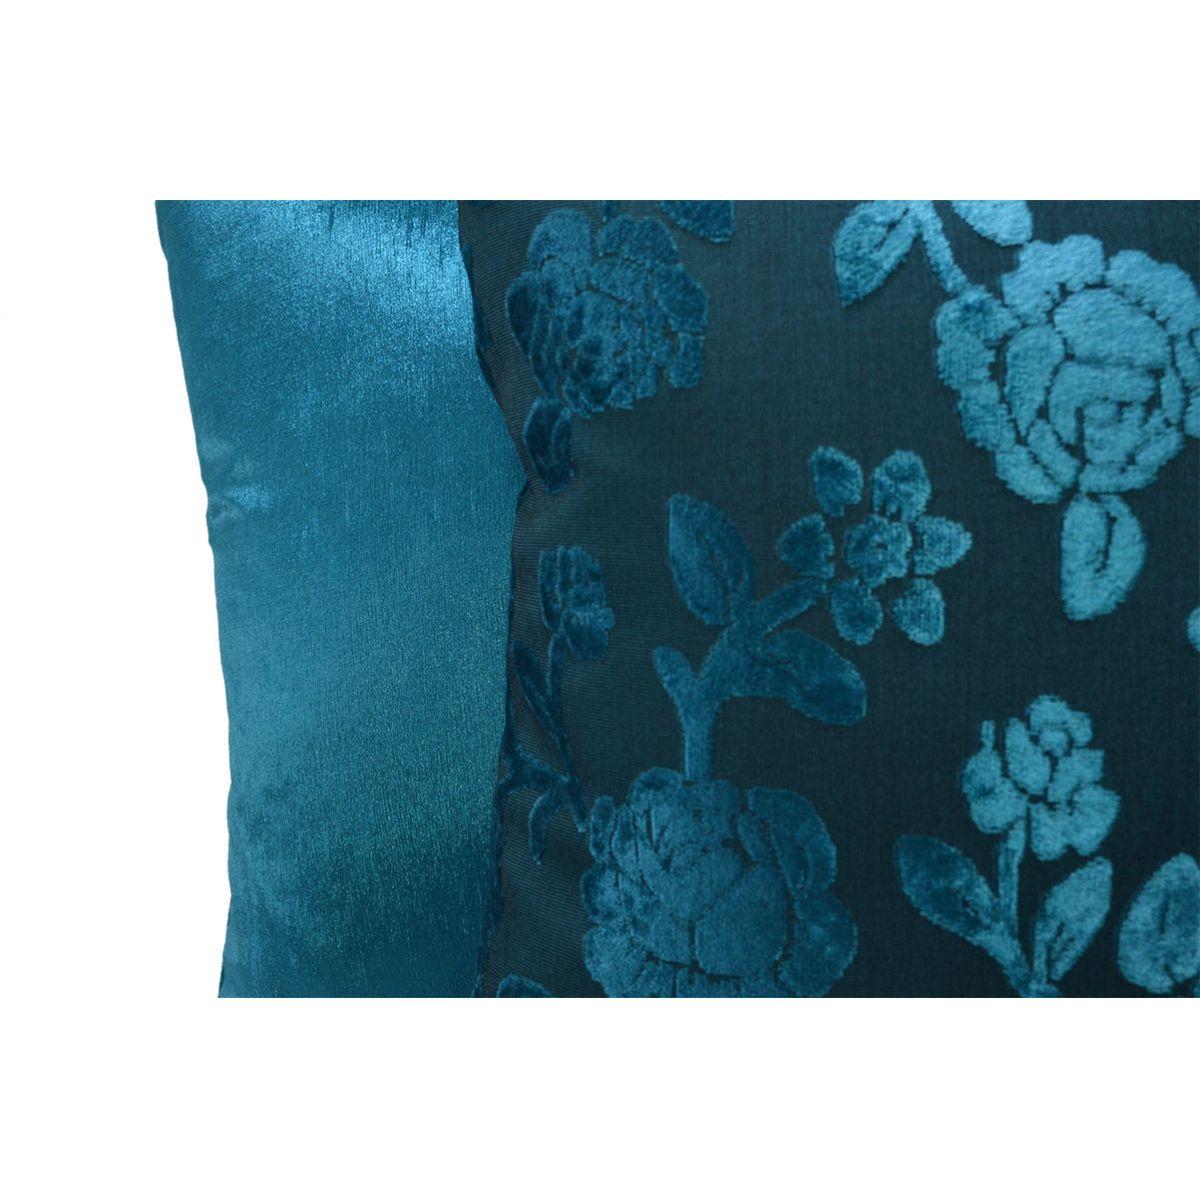 Capa de almofada 45 x 45cm Suede Aveludada Estampada  - Azul